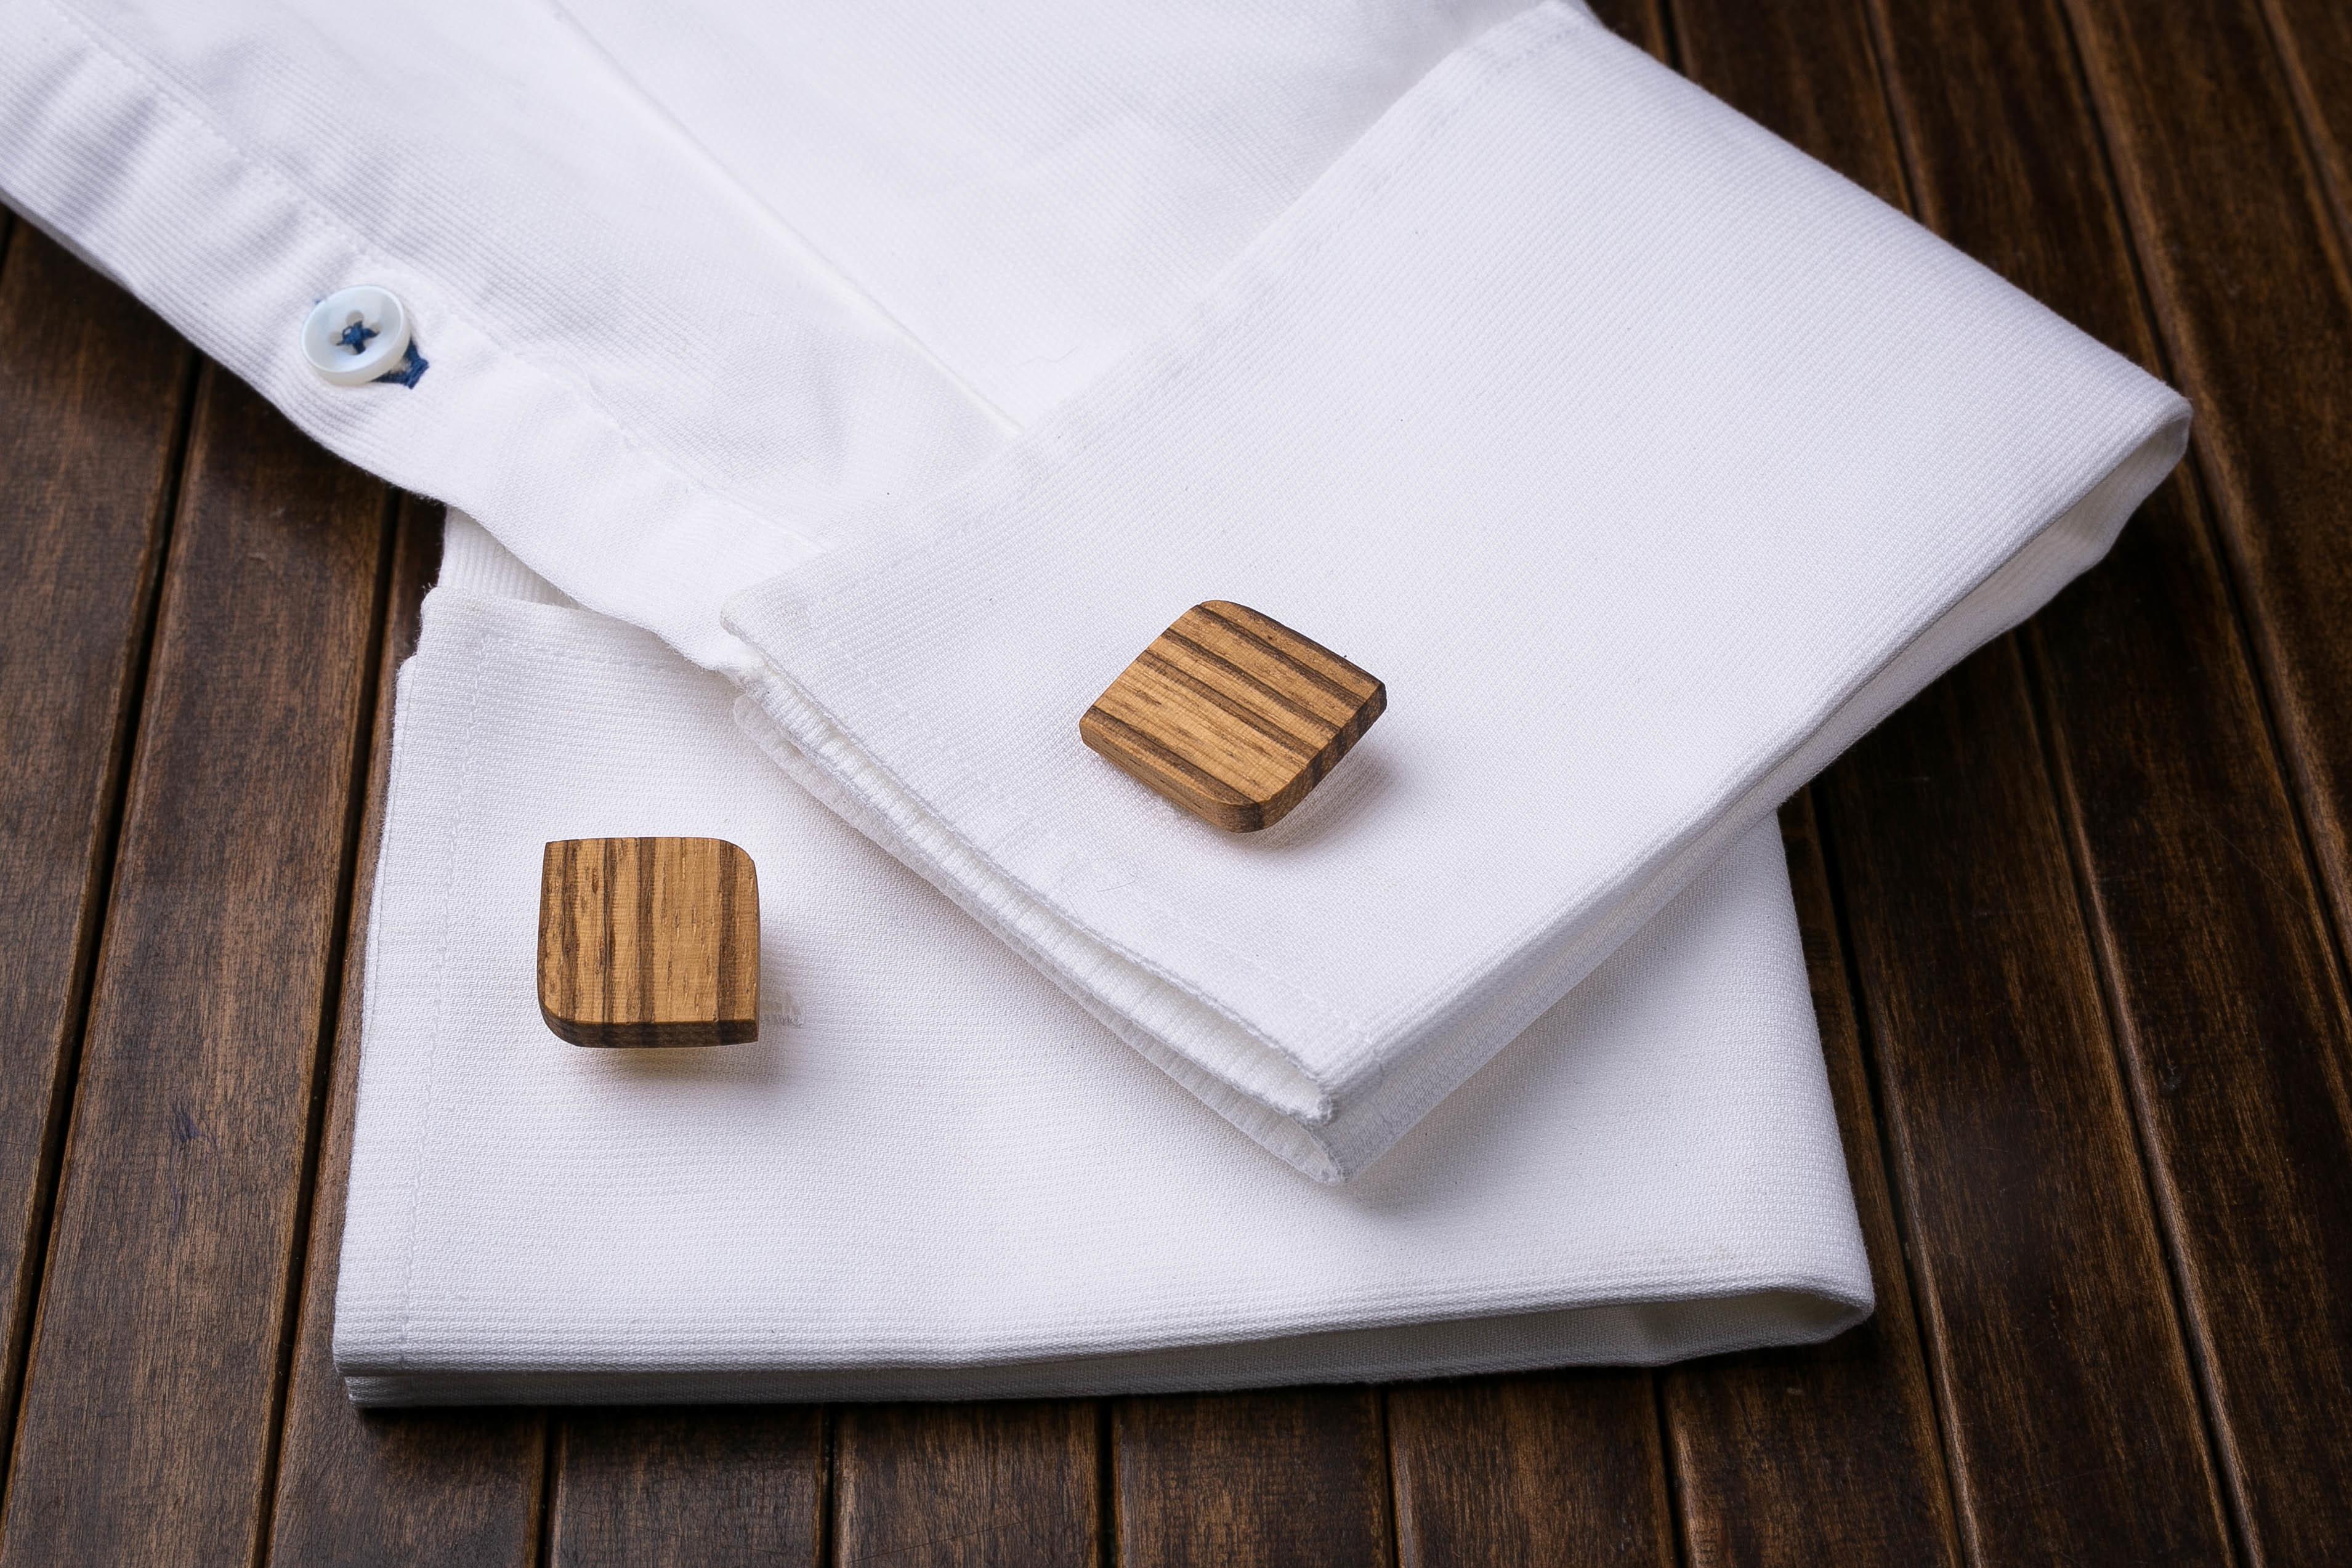 Комплект: Скругленные запонки из дерева и Деревянный зажим для галстука. Массив зебрано. Гравировка инициалов. Упаковка в комплекте